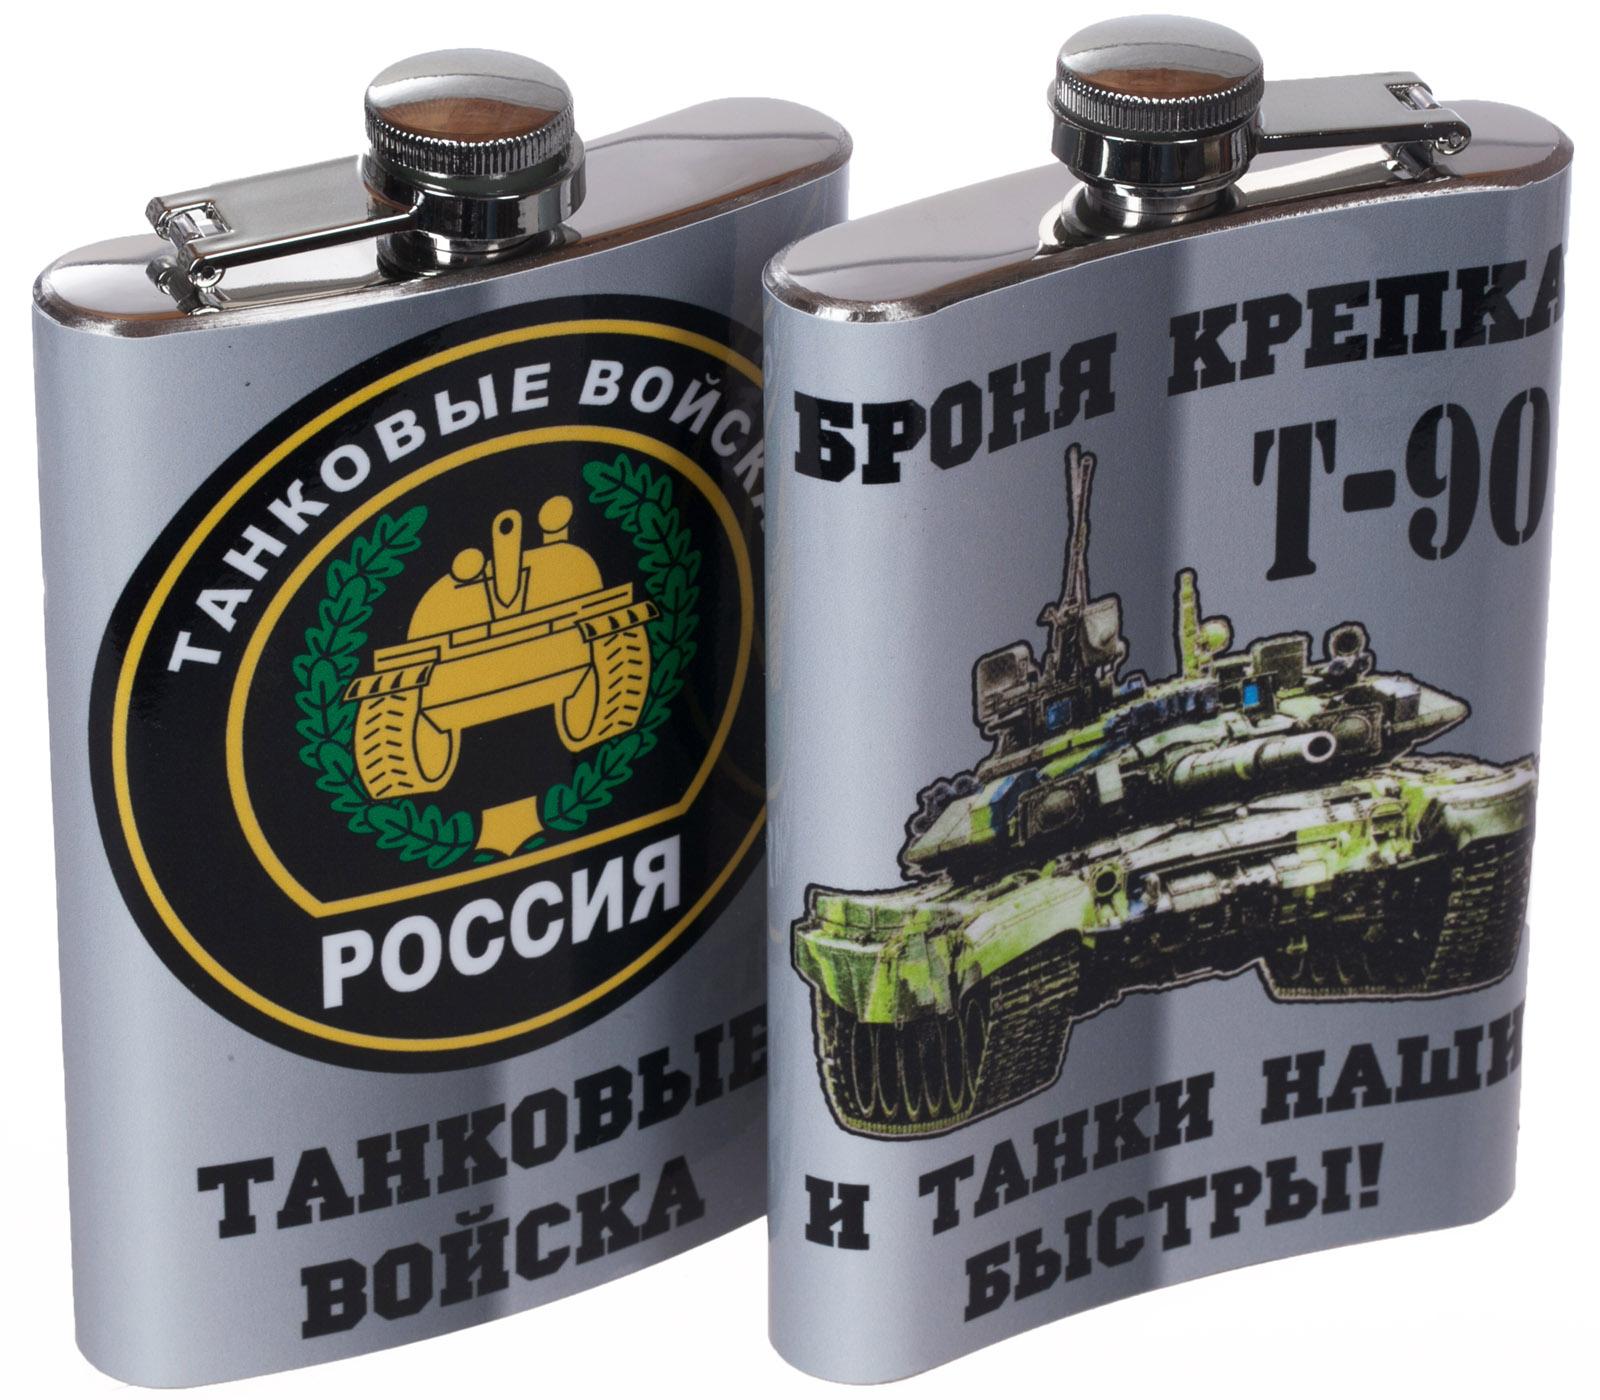 """Купить фляжку """"Танковые войска"""" оптом и в розницу"""